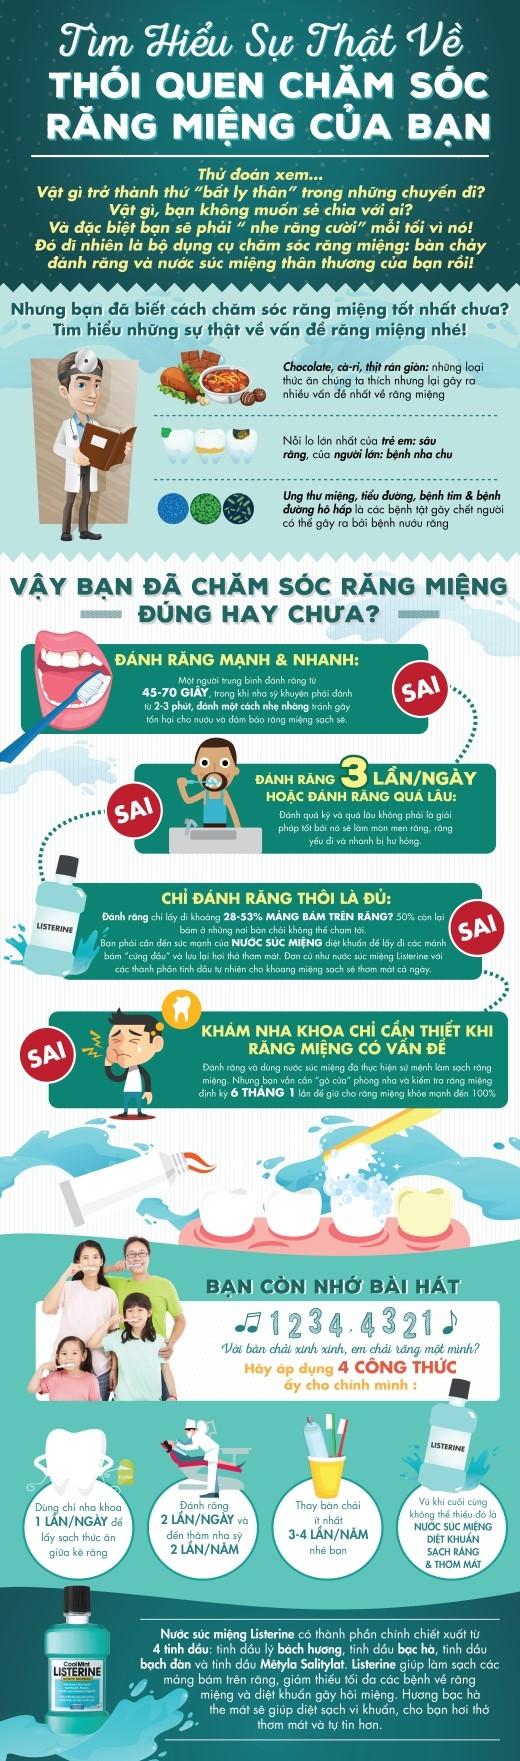 Tìm hiểu sự thật về thói quen chăm sóc răng miệng của bạn